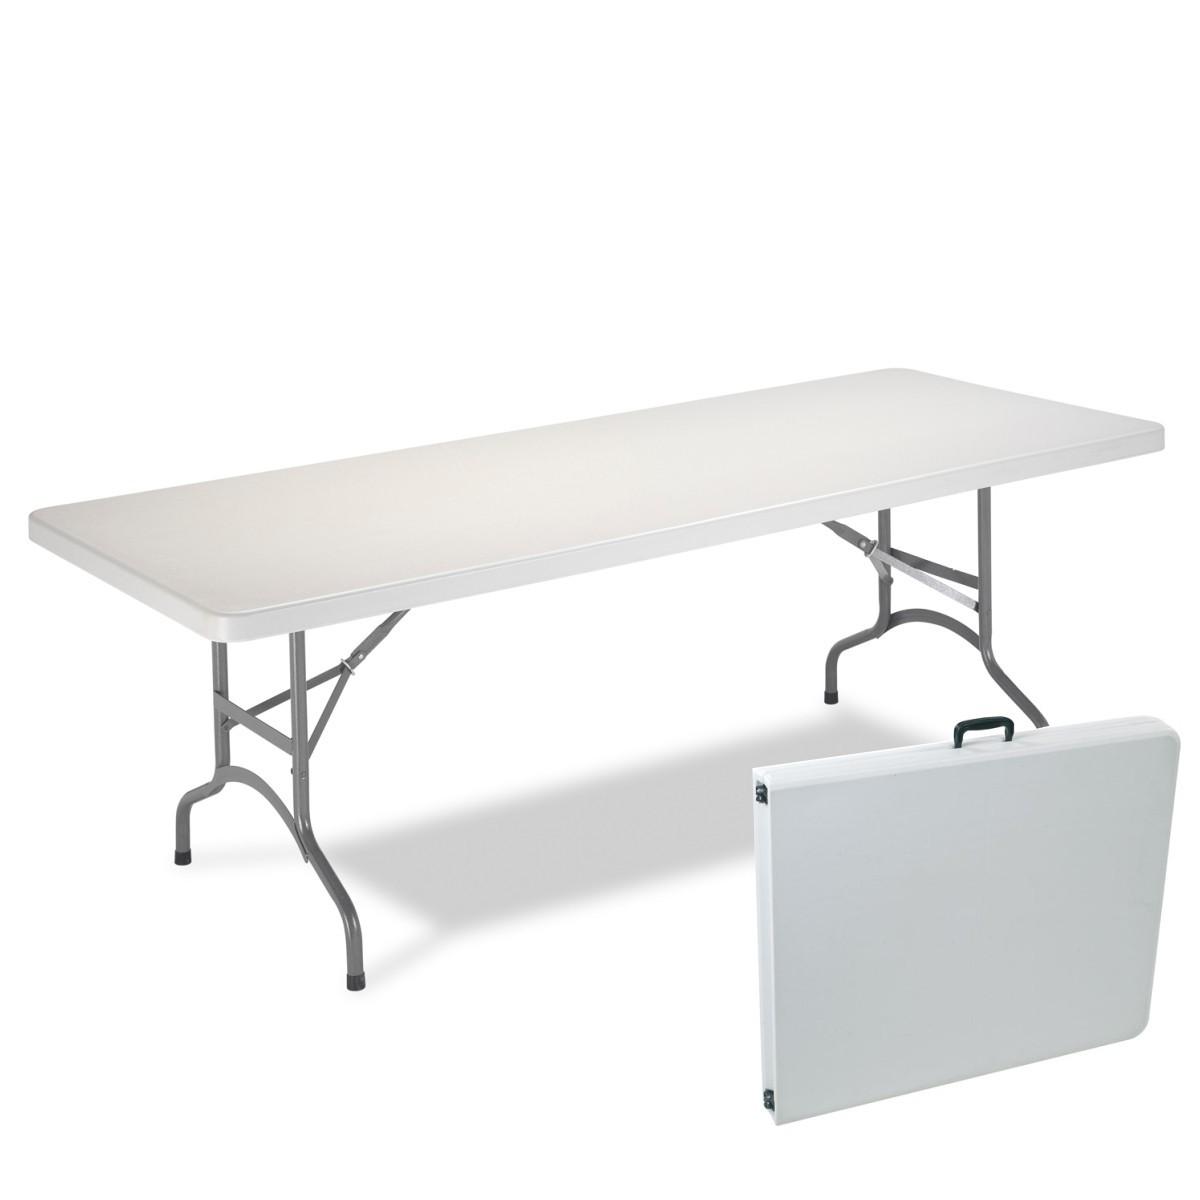 Mesa plegable tipo maleta de 1 8 mts portatil ideal para - Mesa para portatil ikea ...